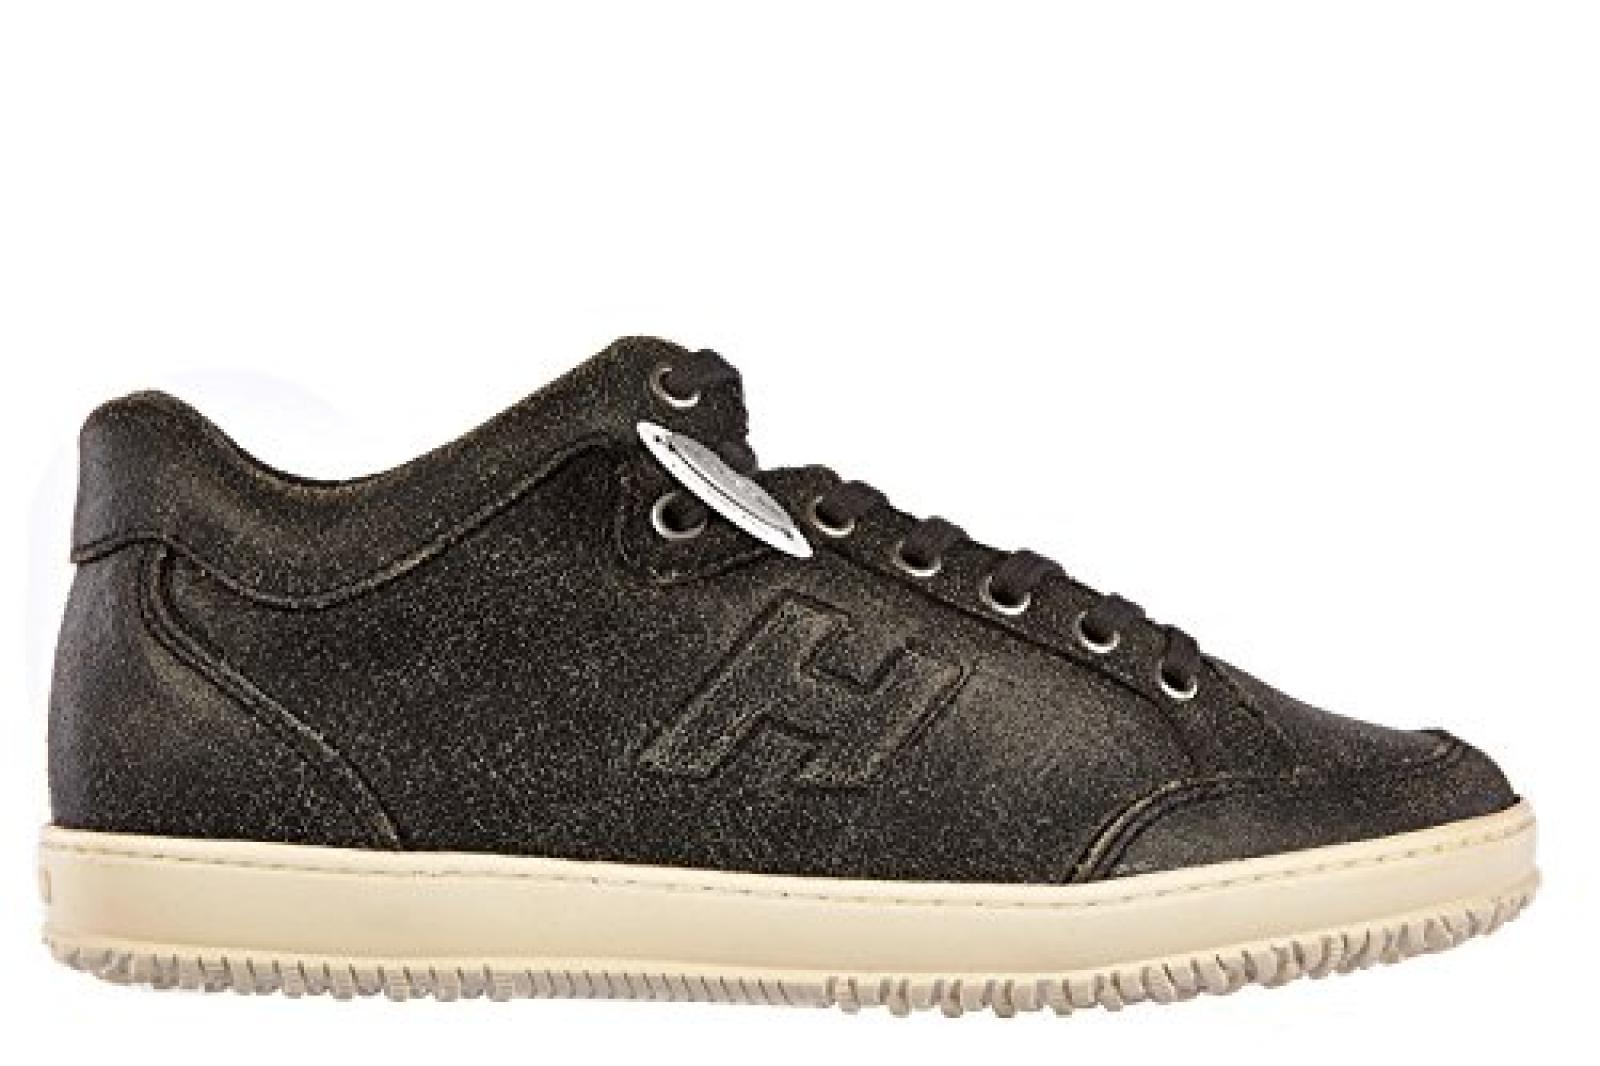 Hogan Herrenschuhe Herren Leder Schuhe Sneakers h168 mid cut Schwarz